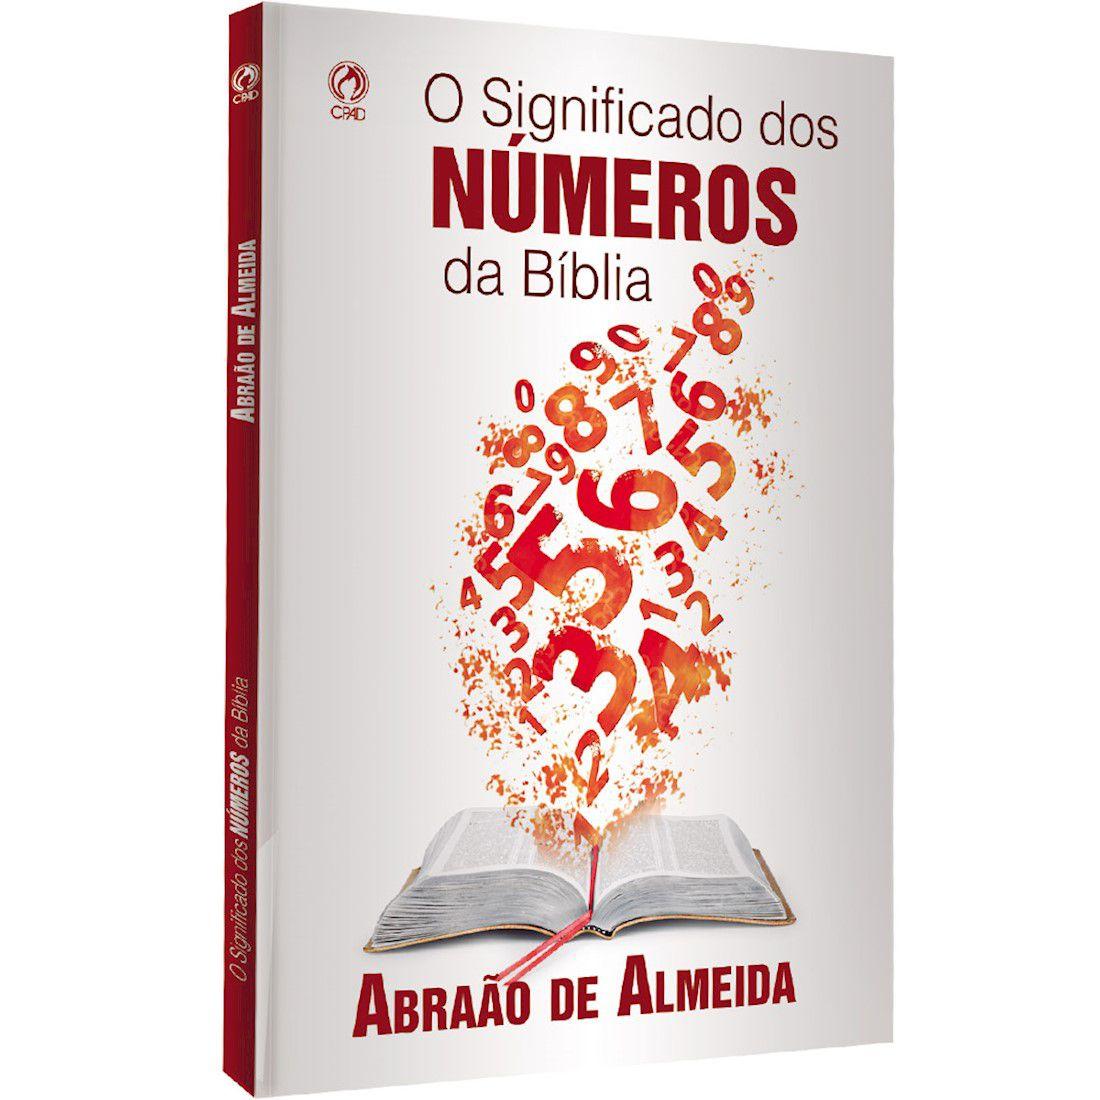 Livro O Significado dos Números da Bíblia